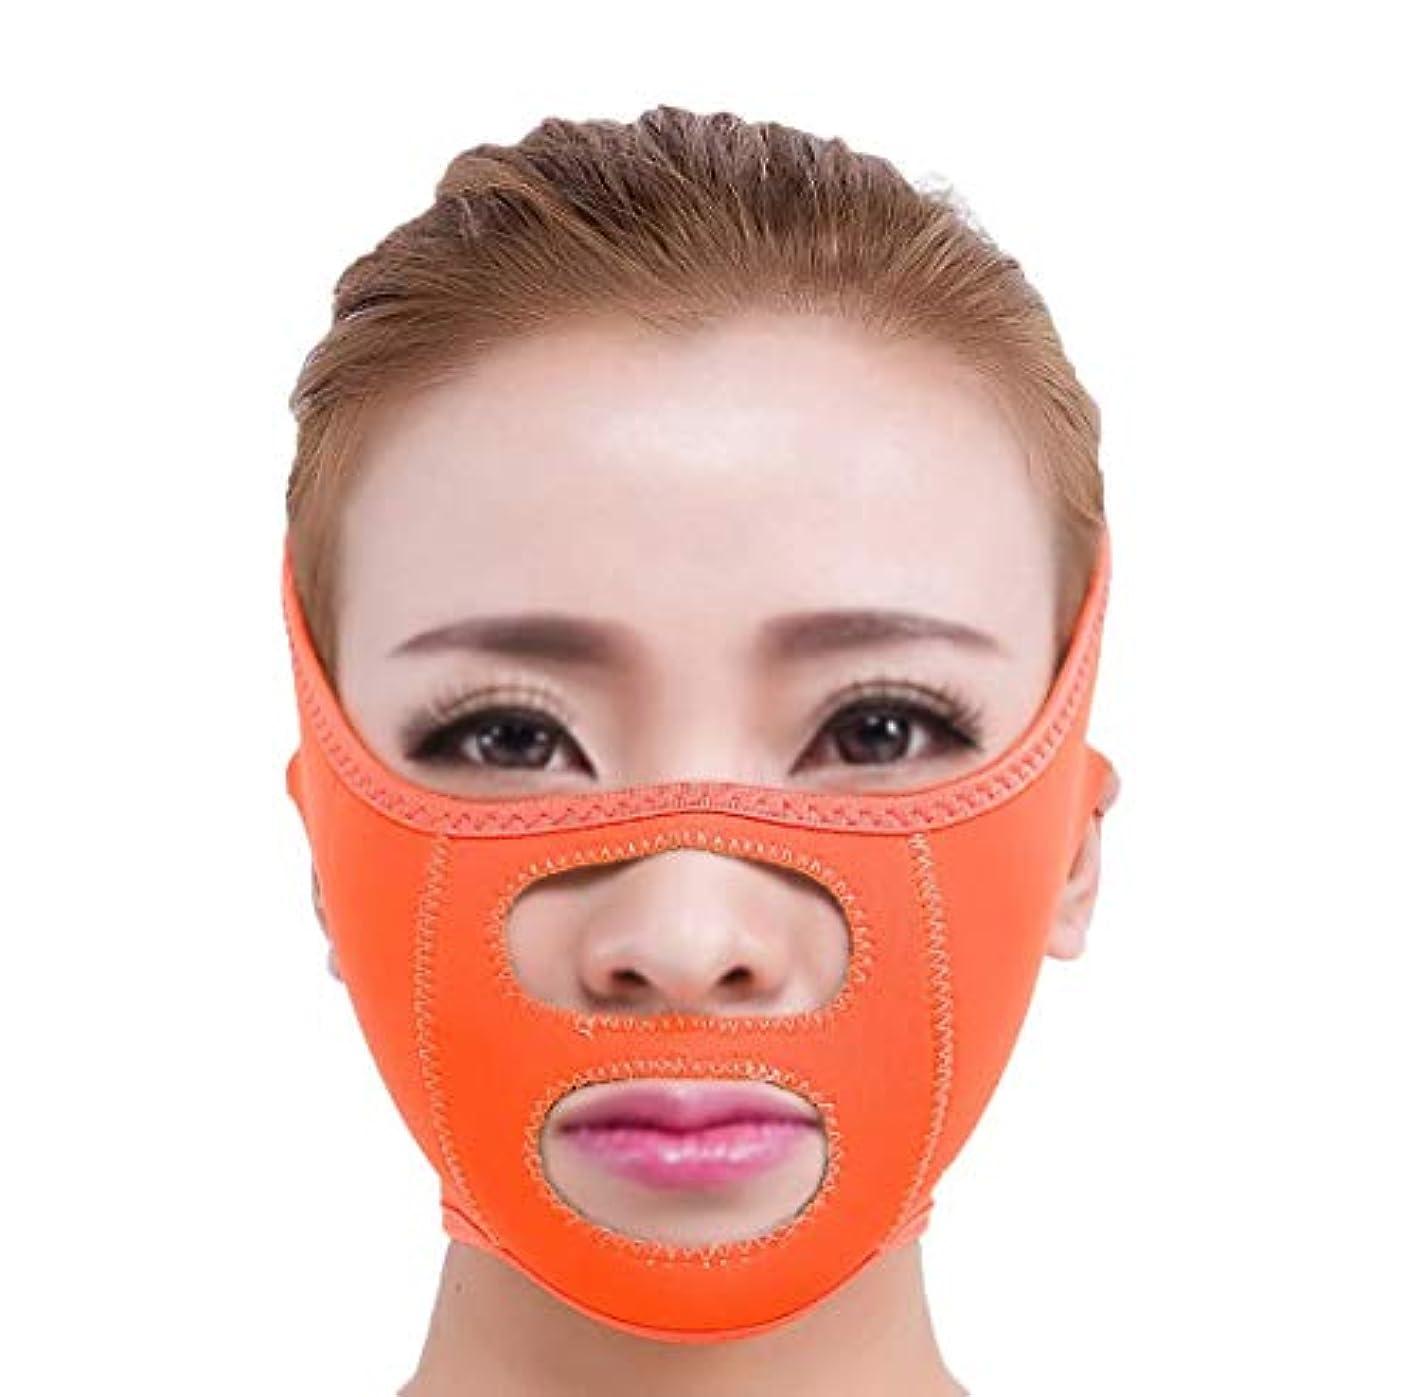 斧夜新鮮なスモールフェイスツールVフェイス包帯フェイシャルリフティングフェイシャルマッサージャー美容通気性マスクVフェイスマスク睡眠薄い顔でオレンジ